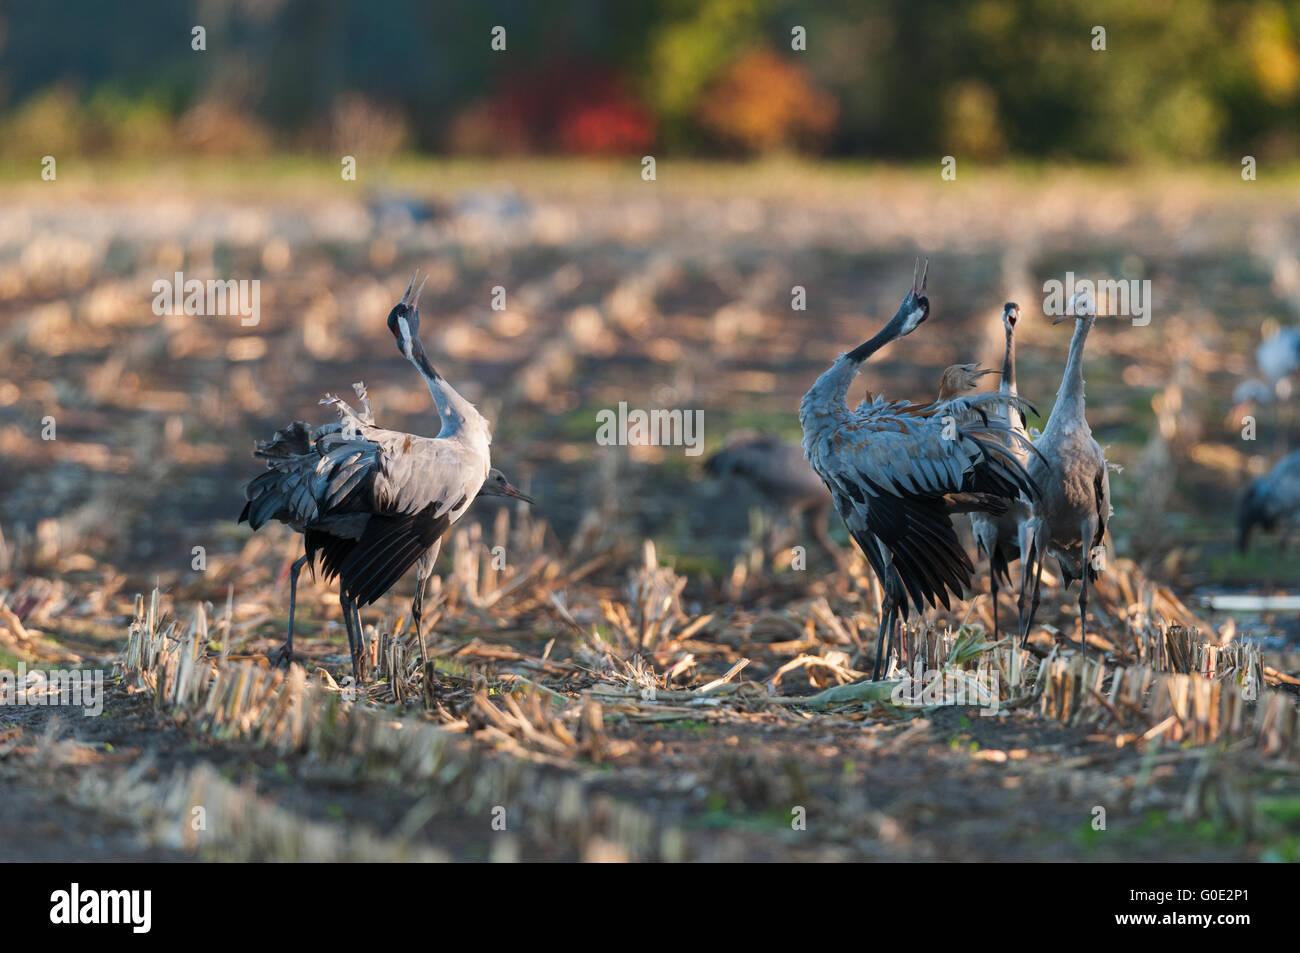 Common cranes in Germany Stock Photo